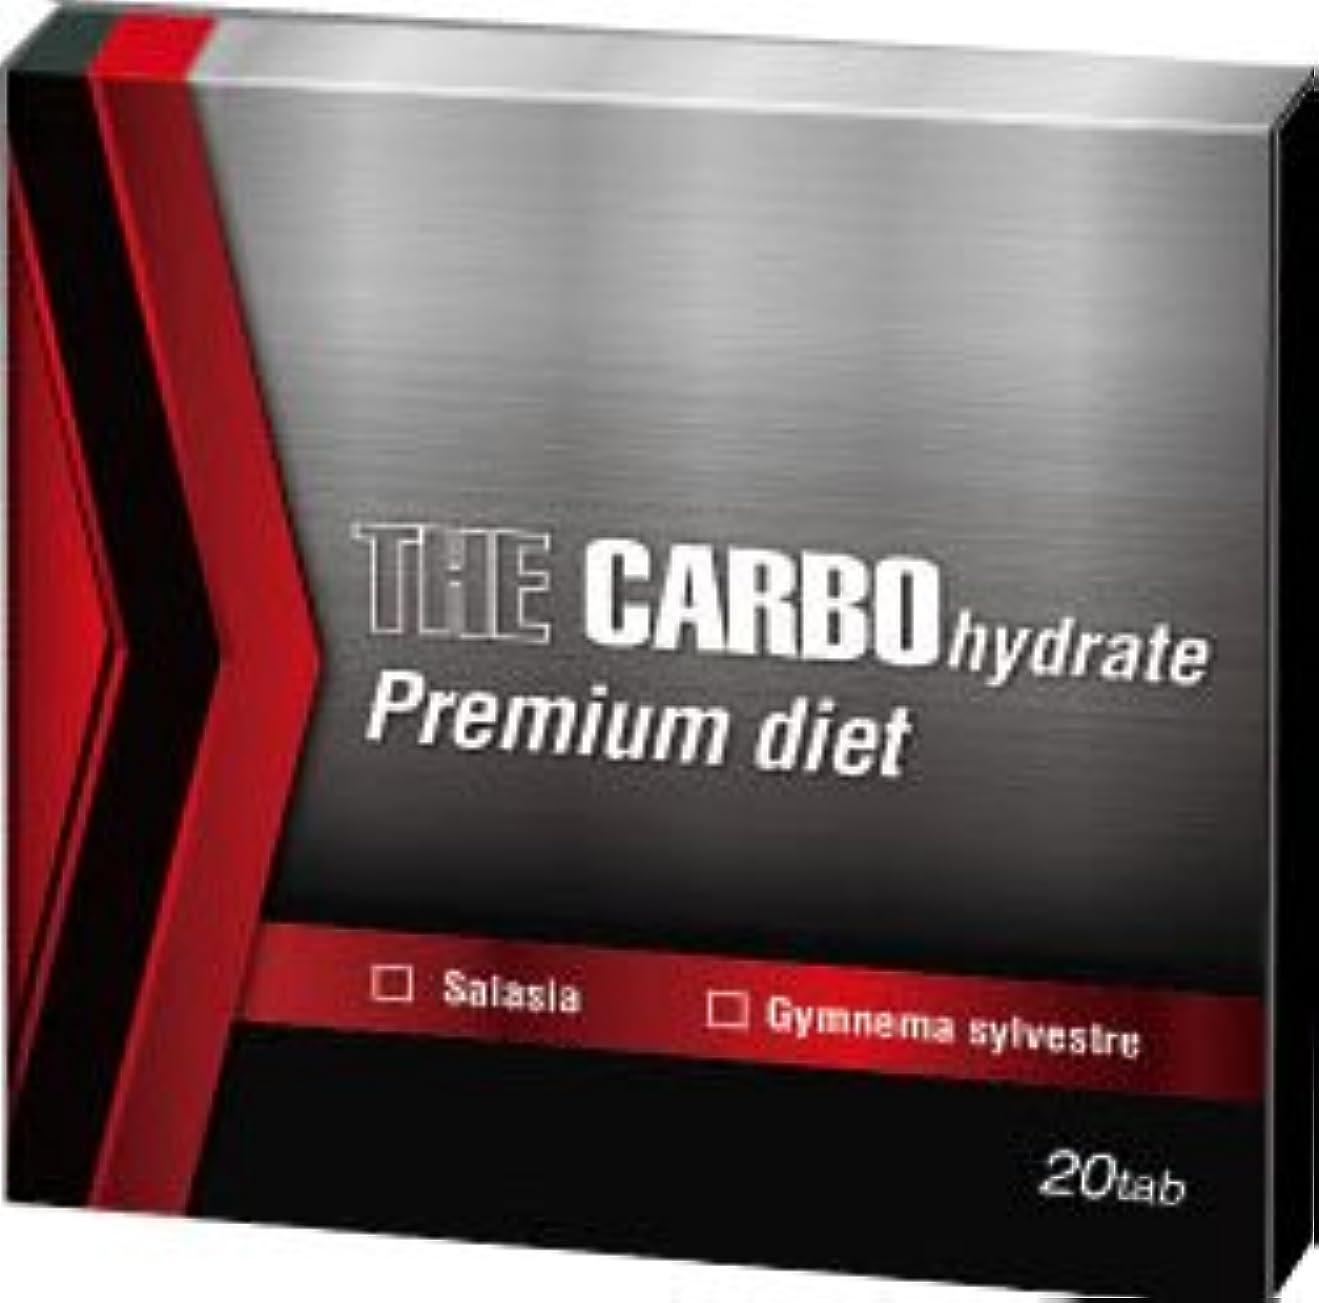 無秩序ちっちゃいクックザ?糖質プレミアムダイエット20Tab〔THE CARBO hydrate Premium daiet〕